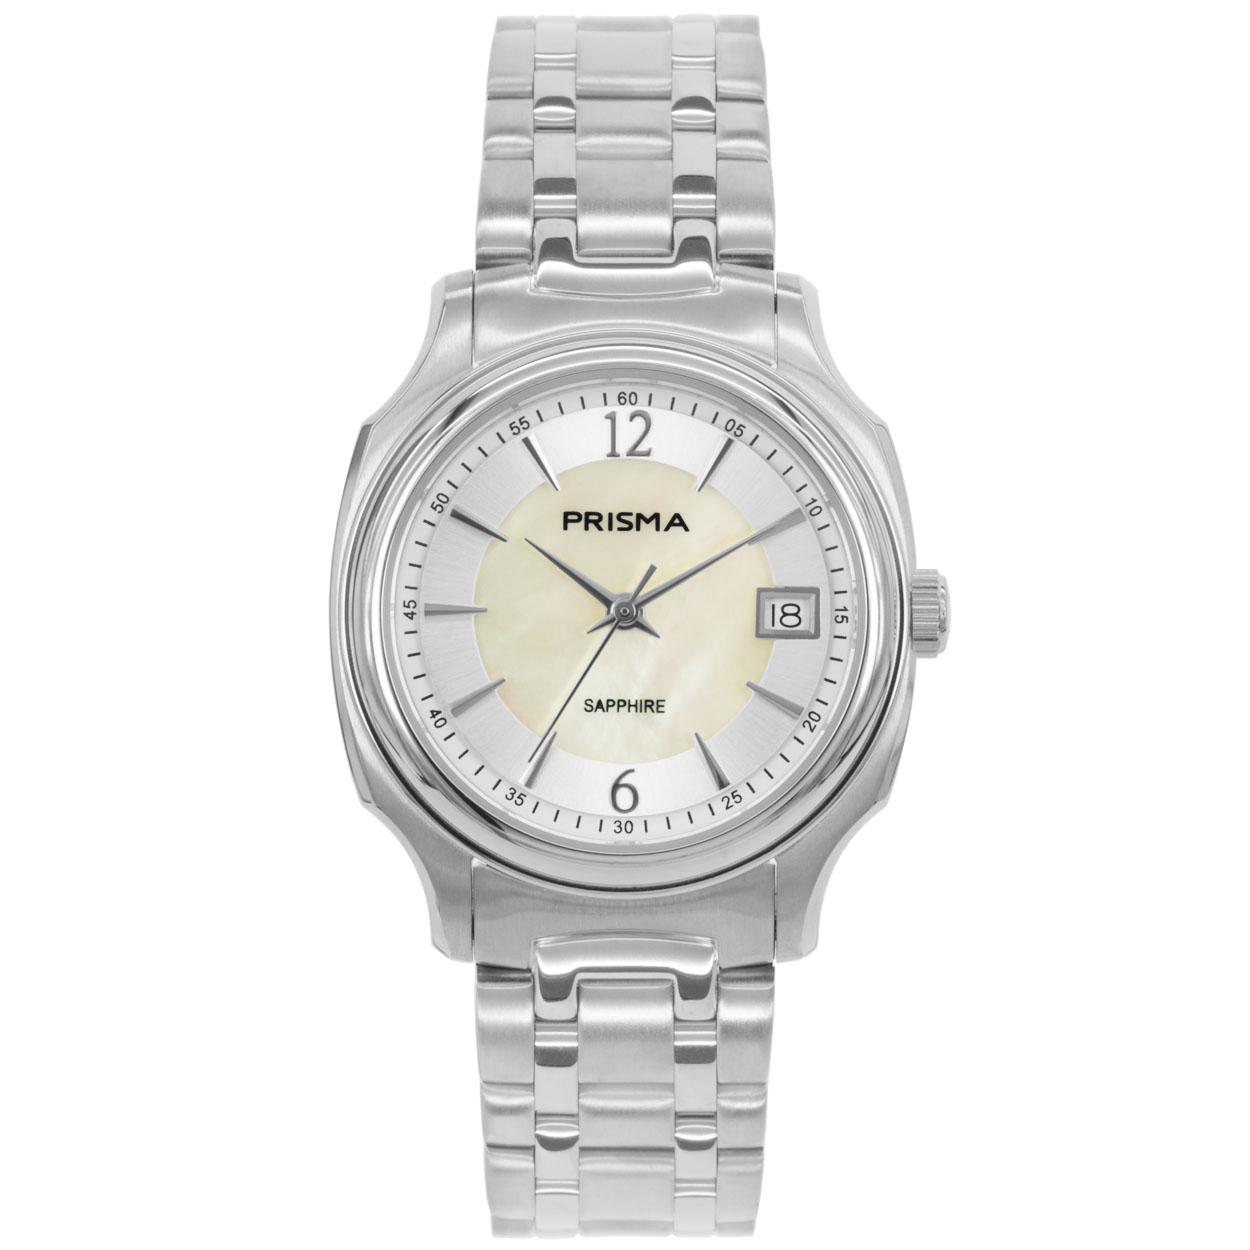 Prisma P.1135 Horloge staal zilverkleurig/parelmoer 33 mm